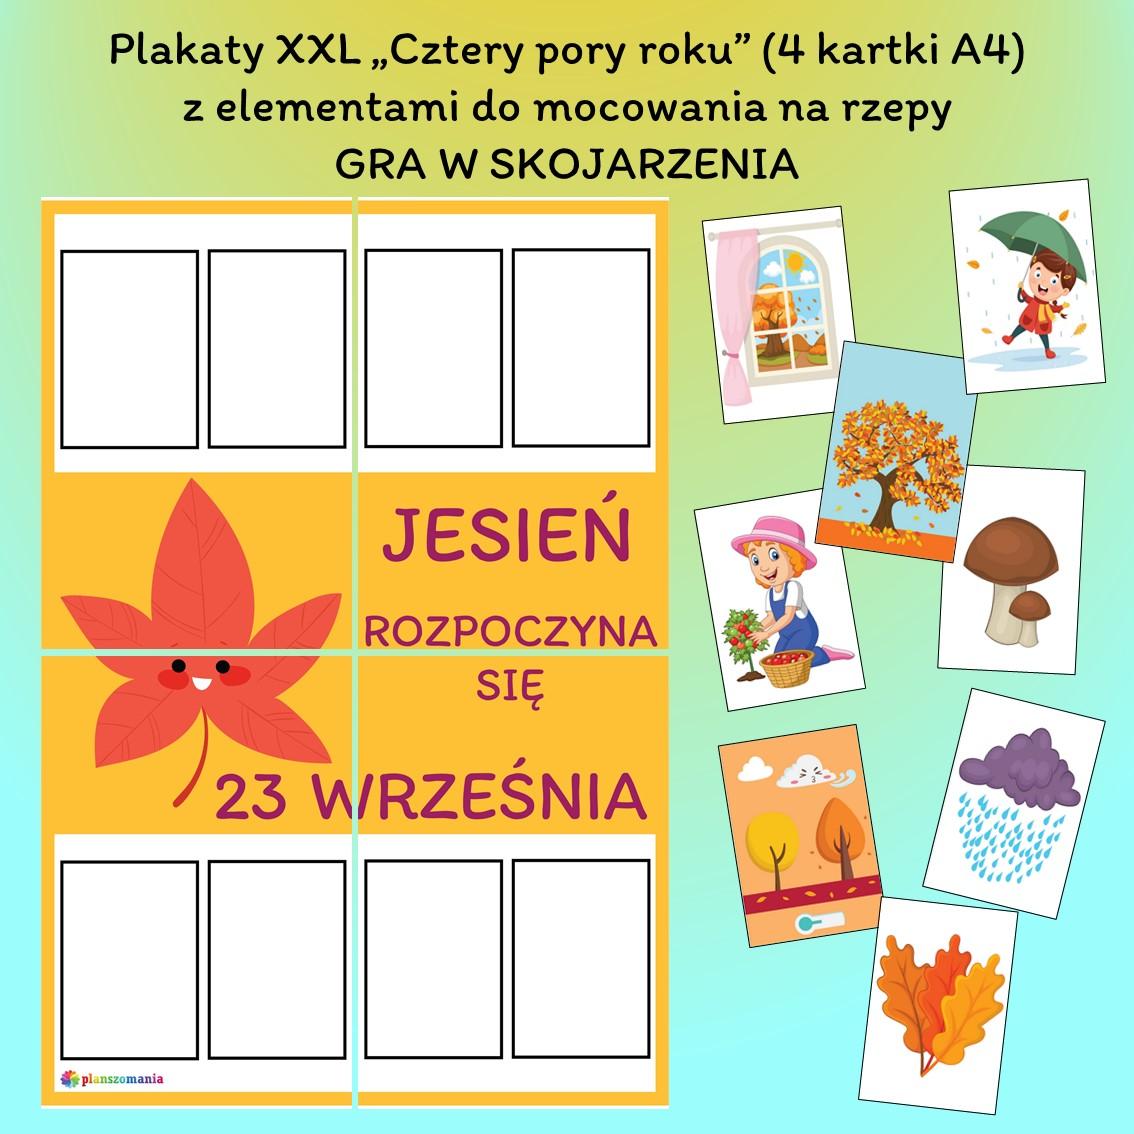 cztery pory roku edukacja wczesnoszkolna przedszkole do druku pdf zabawy i gry dla dzieci plansze edukacyjne materiały dydaktyczne mega zestawy